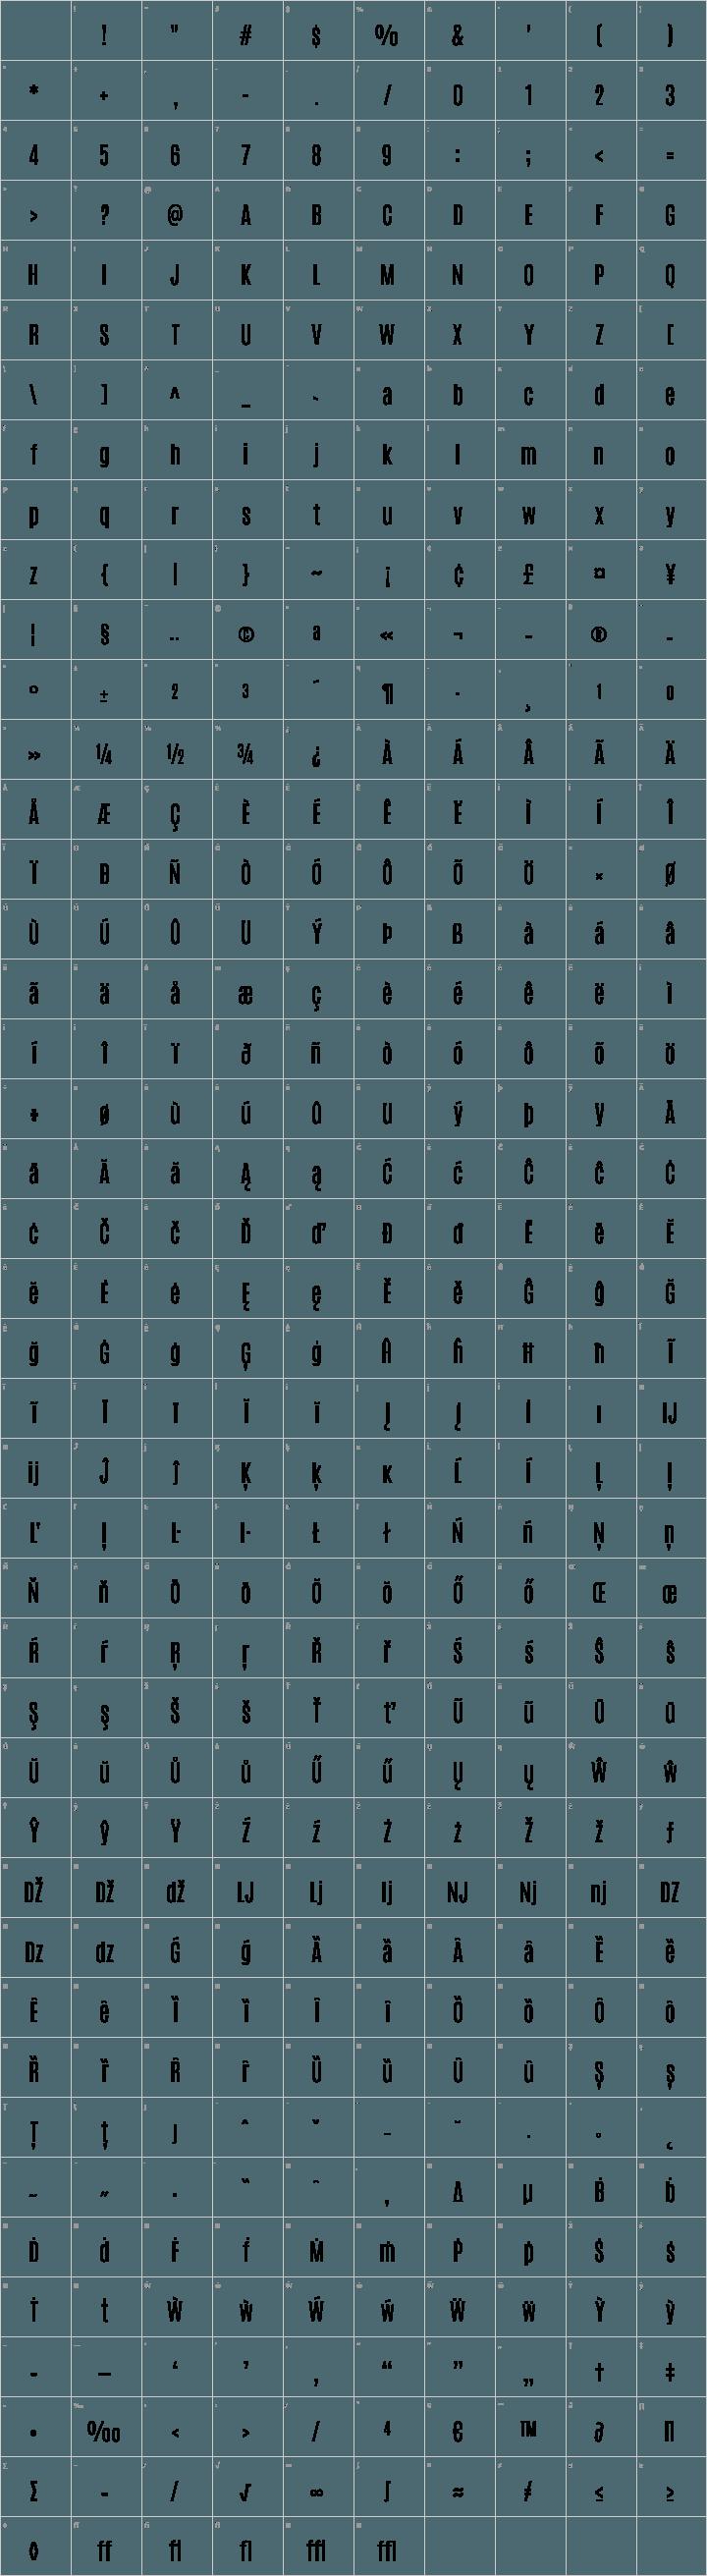 Antonio Font Free by Vernon Adams » Font Squirrel